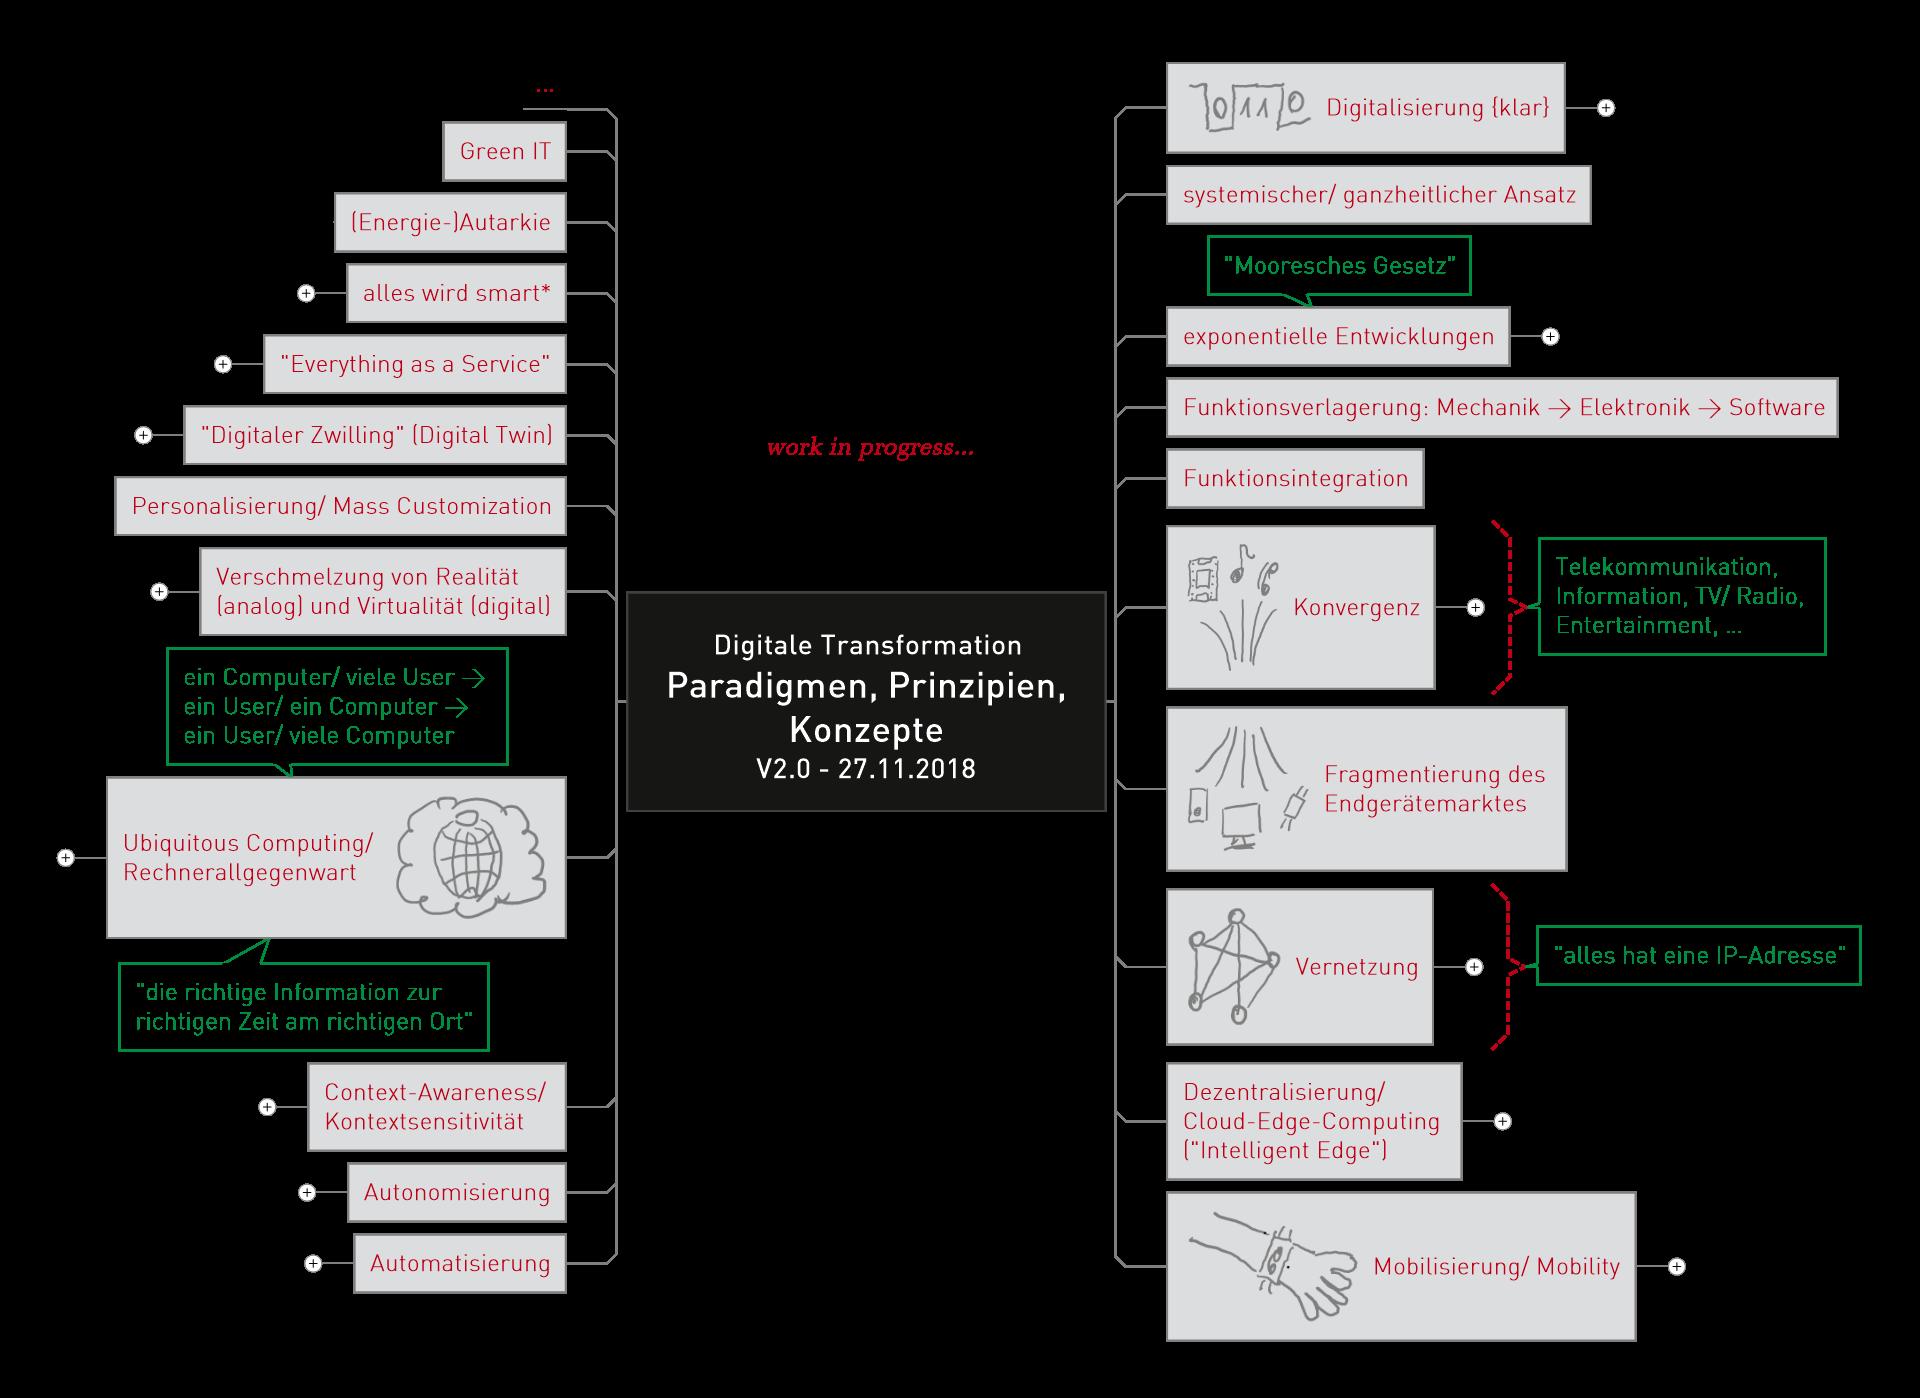 Paradigmen, Prinzipien und Konzepte der Digitalen Transformation